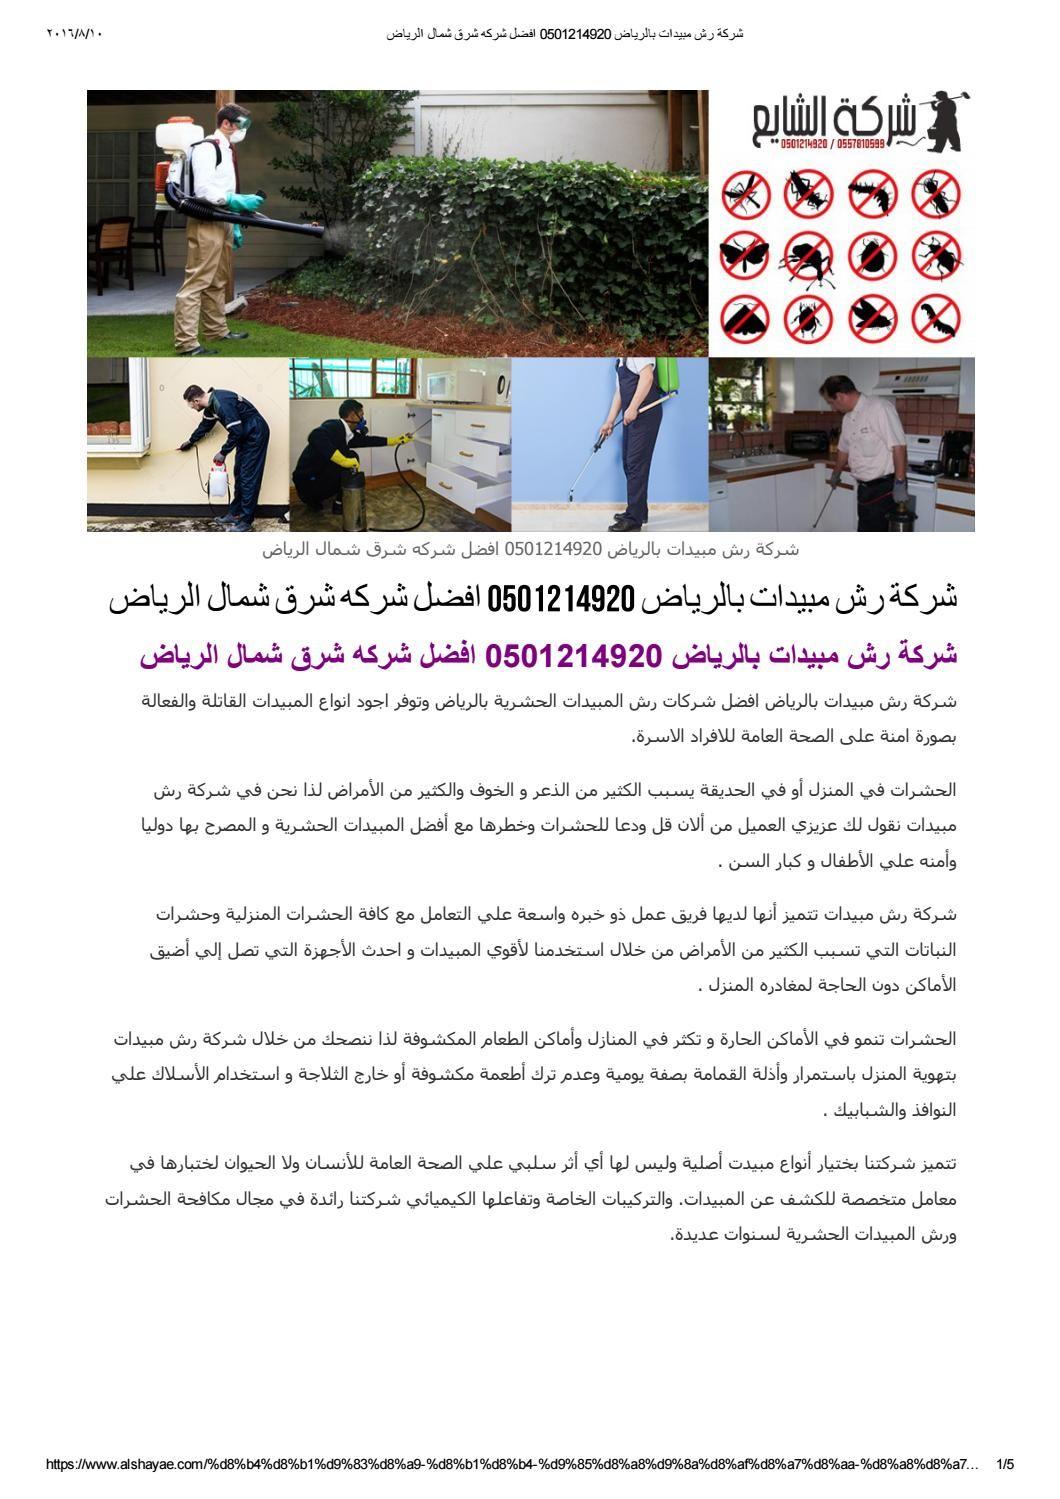 شركة رش مبيدات بالرياض 0501214920 افضل شركه شرق شمال الرياض